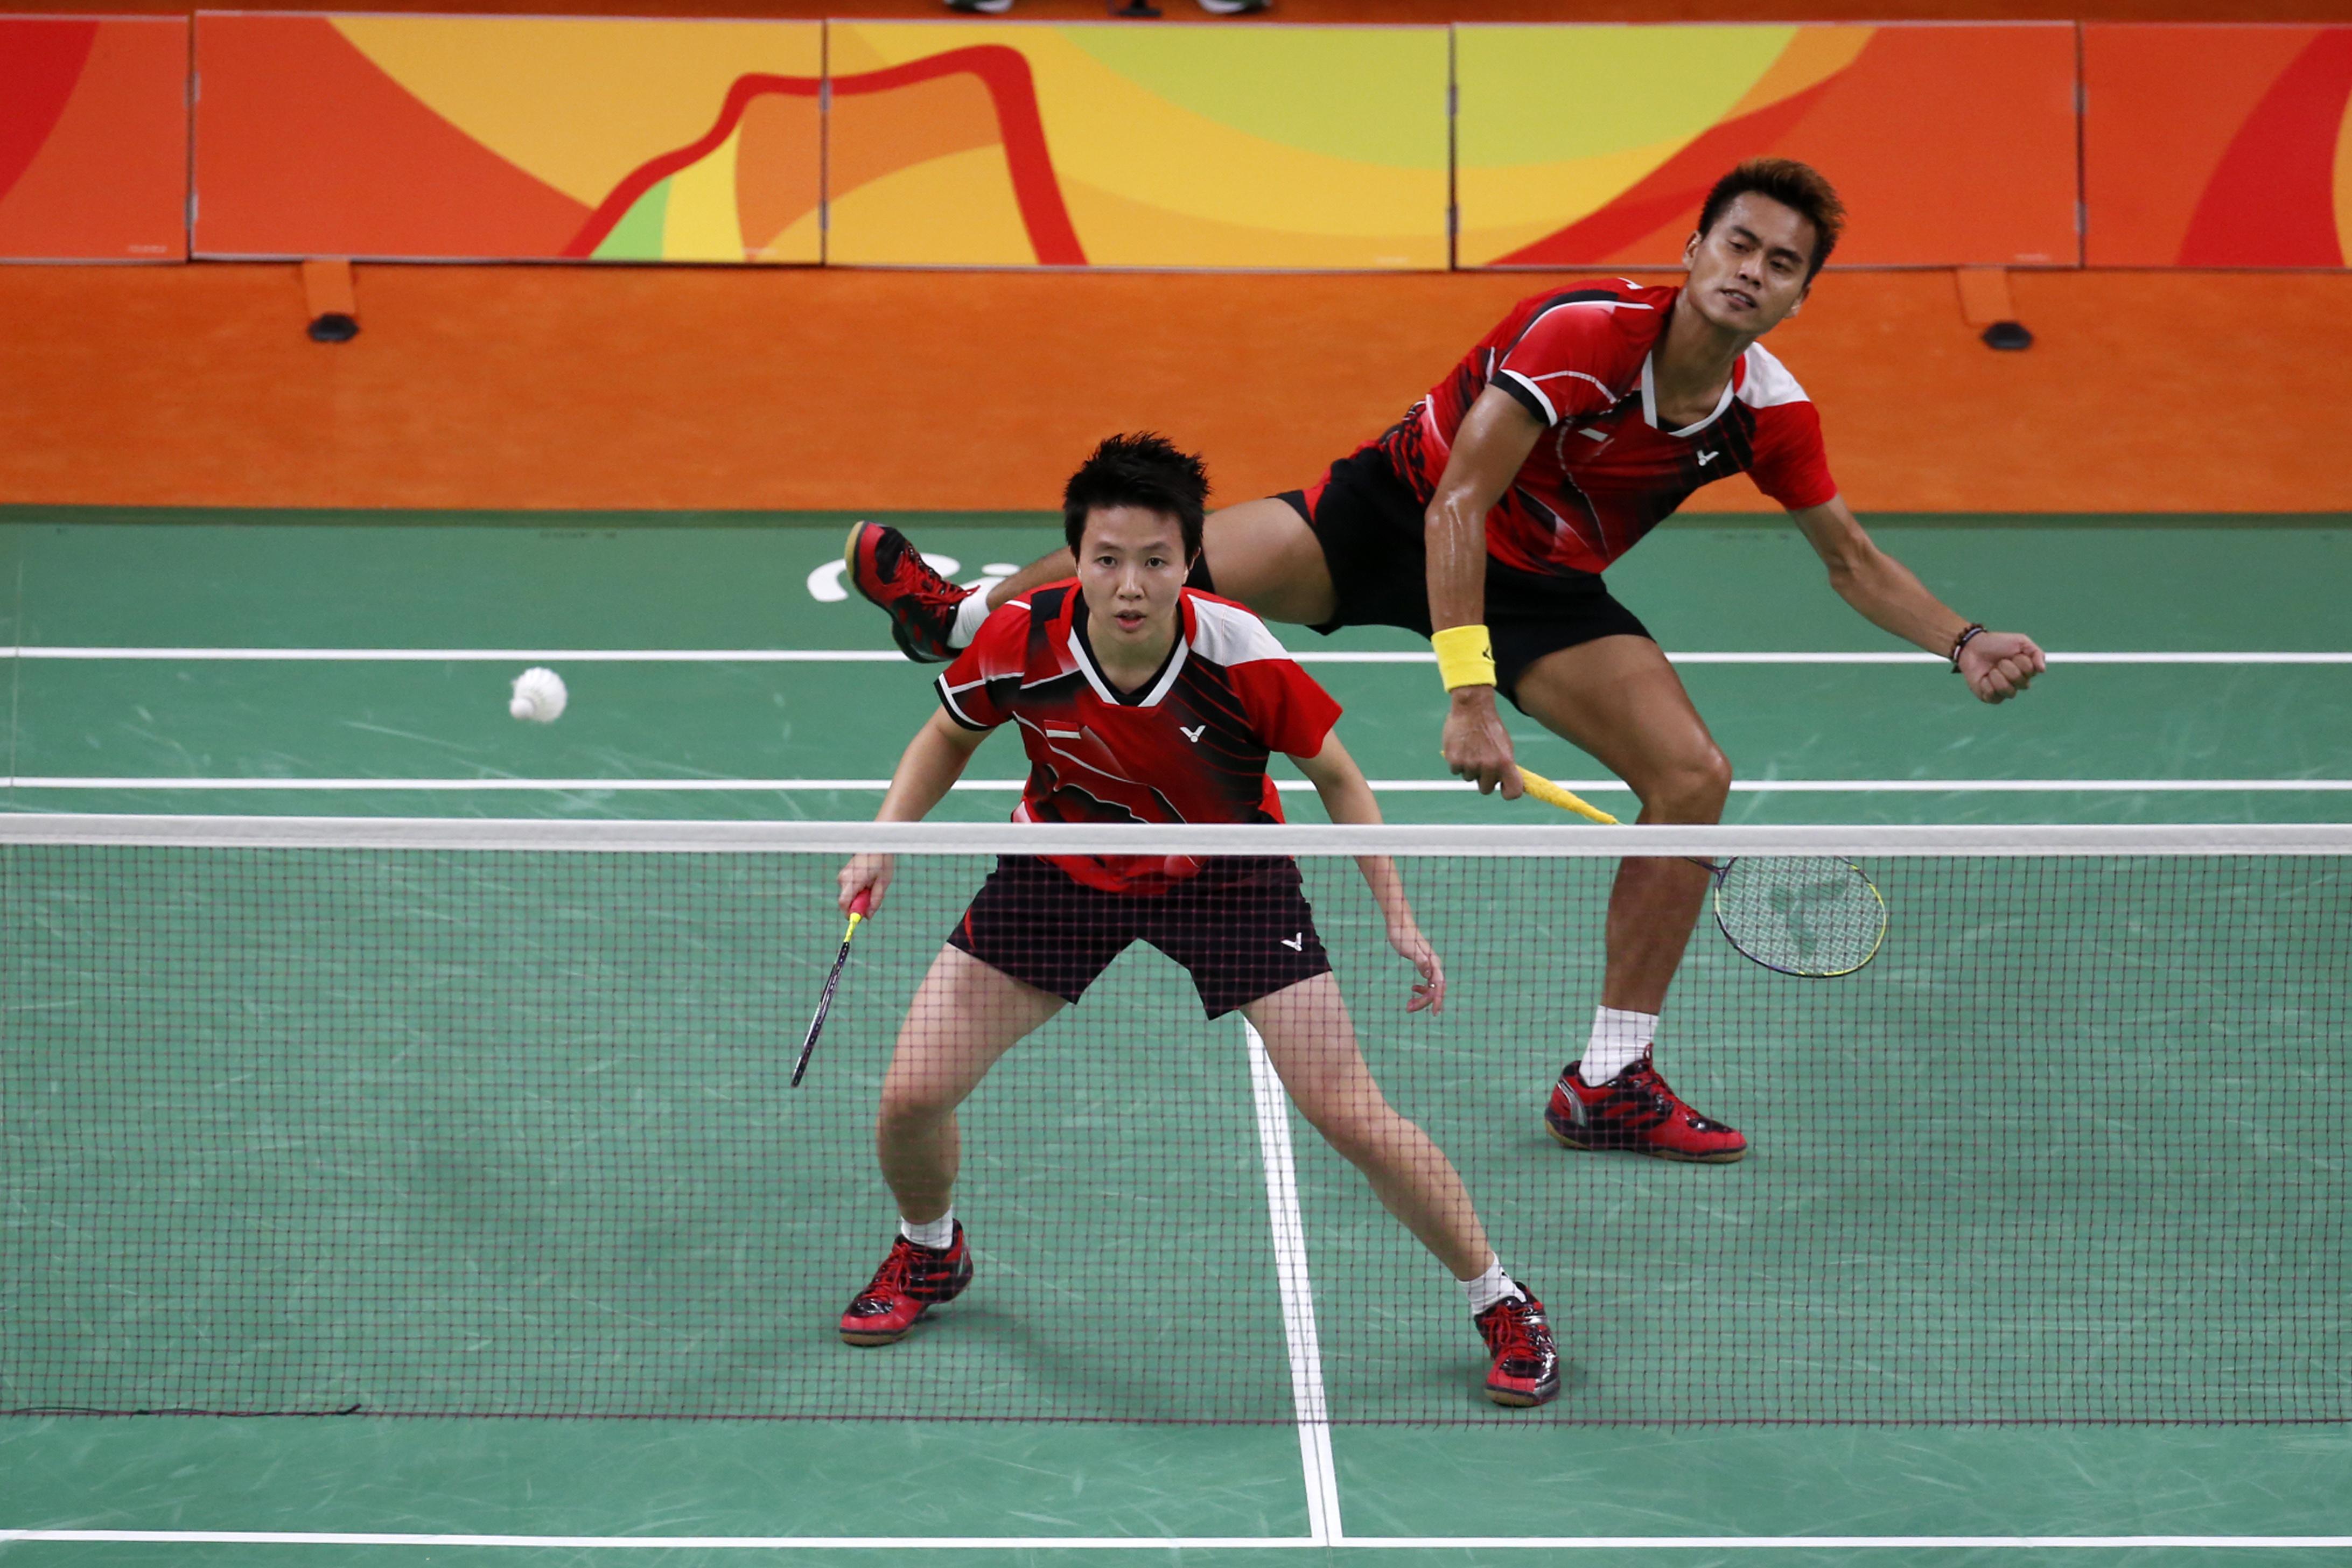 Jadwal turnamen bulu tangkis Indonesia sepanjang 2017